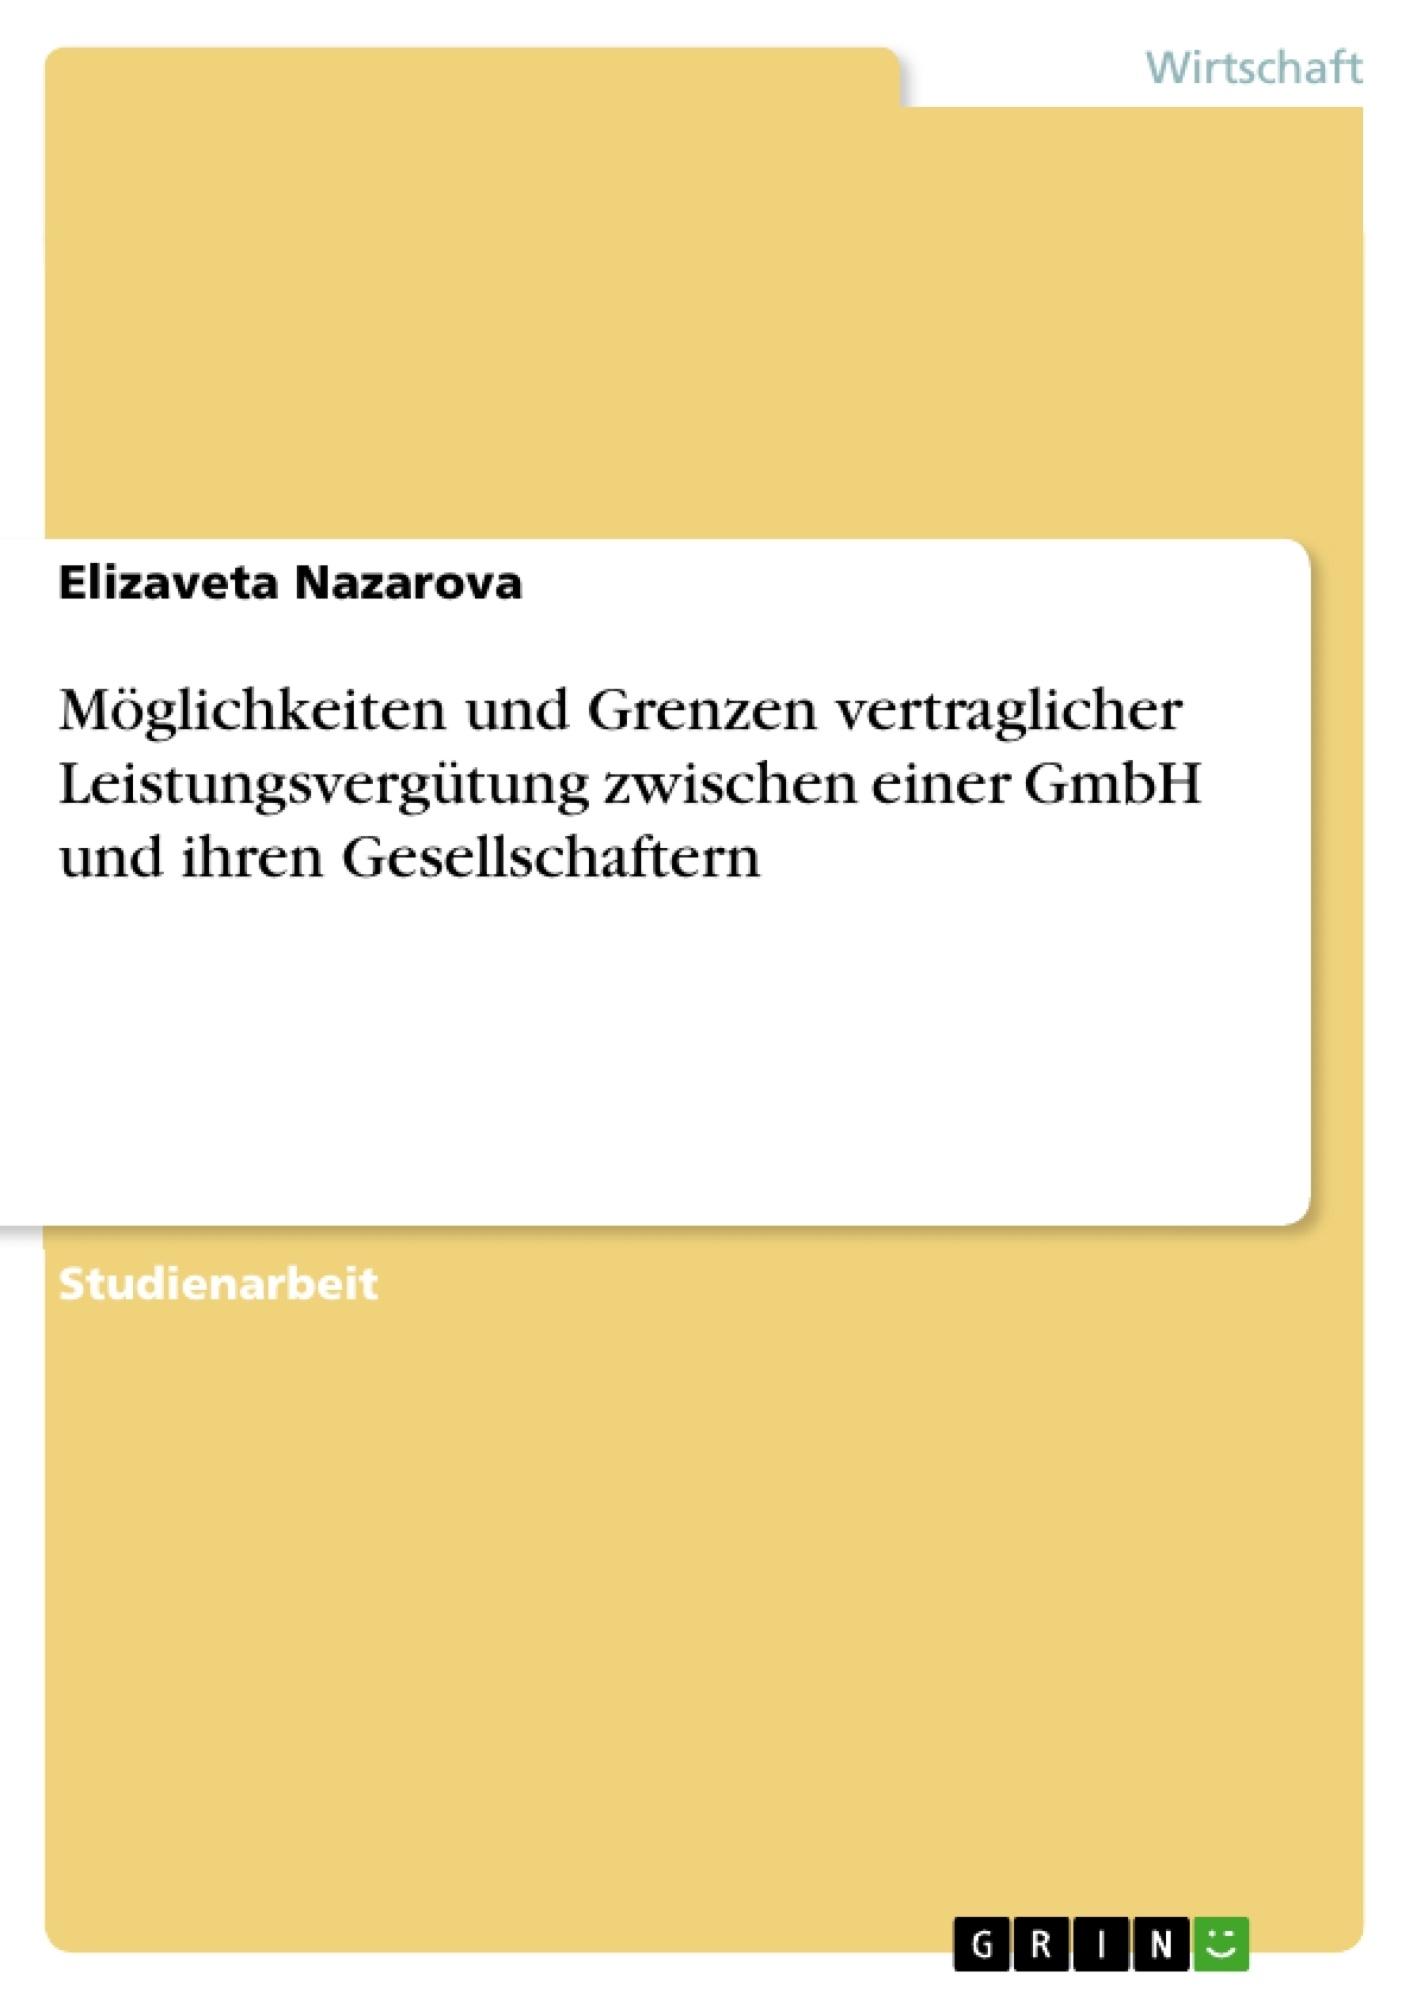 Titel: Möglichkeiten und Grenzen vertraglicher Leistungsvergütung zwischen einer GmbH und ihren Gesellschaftern